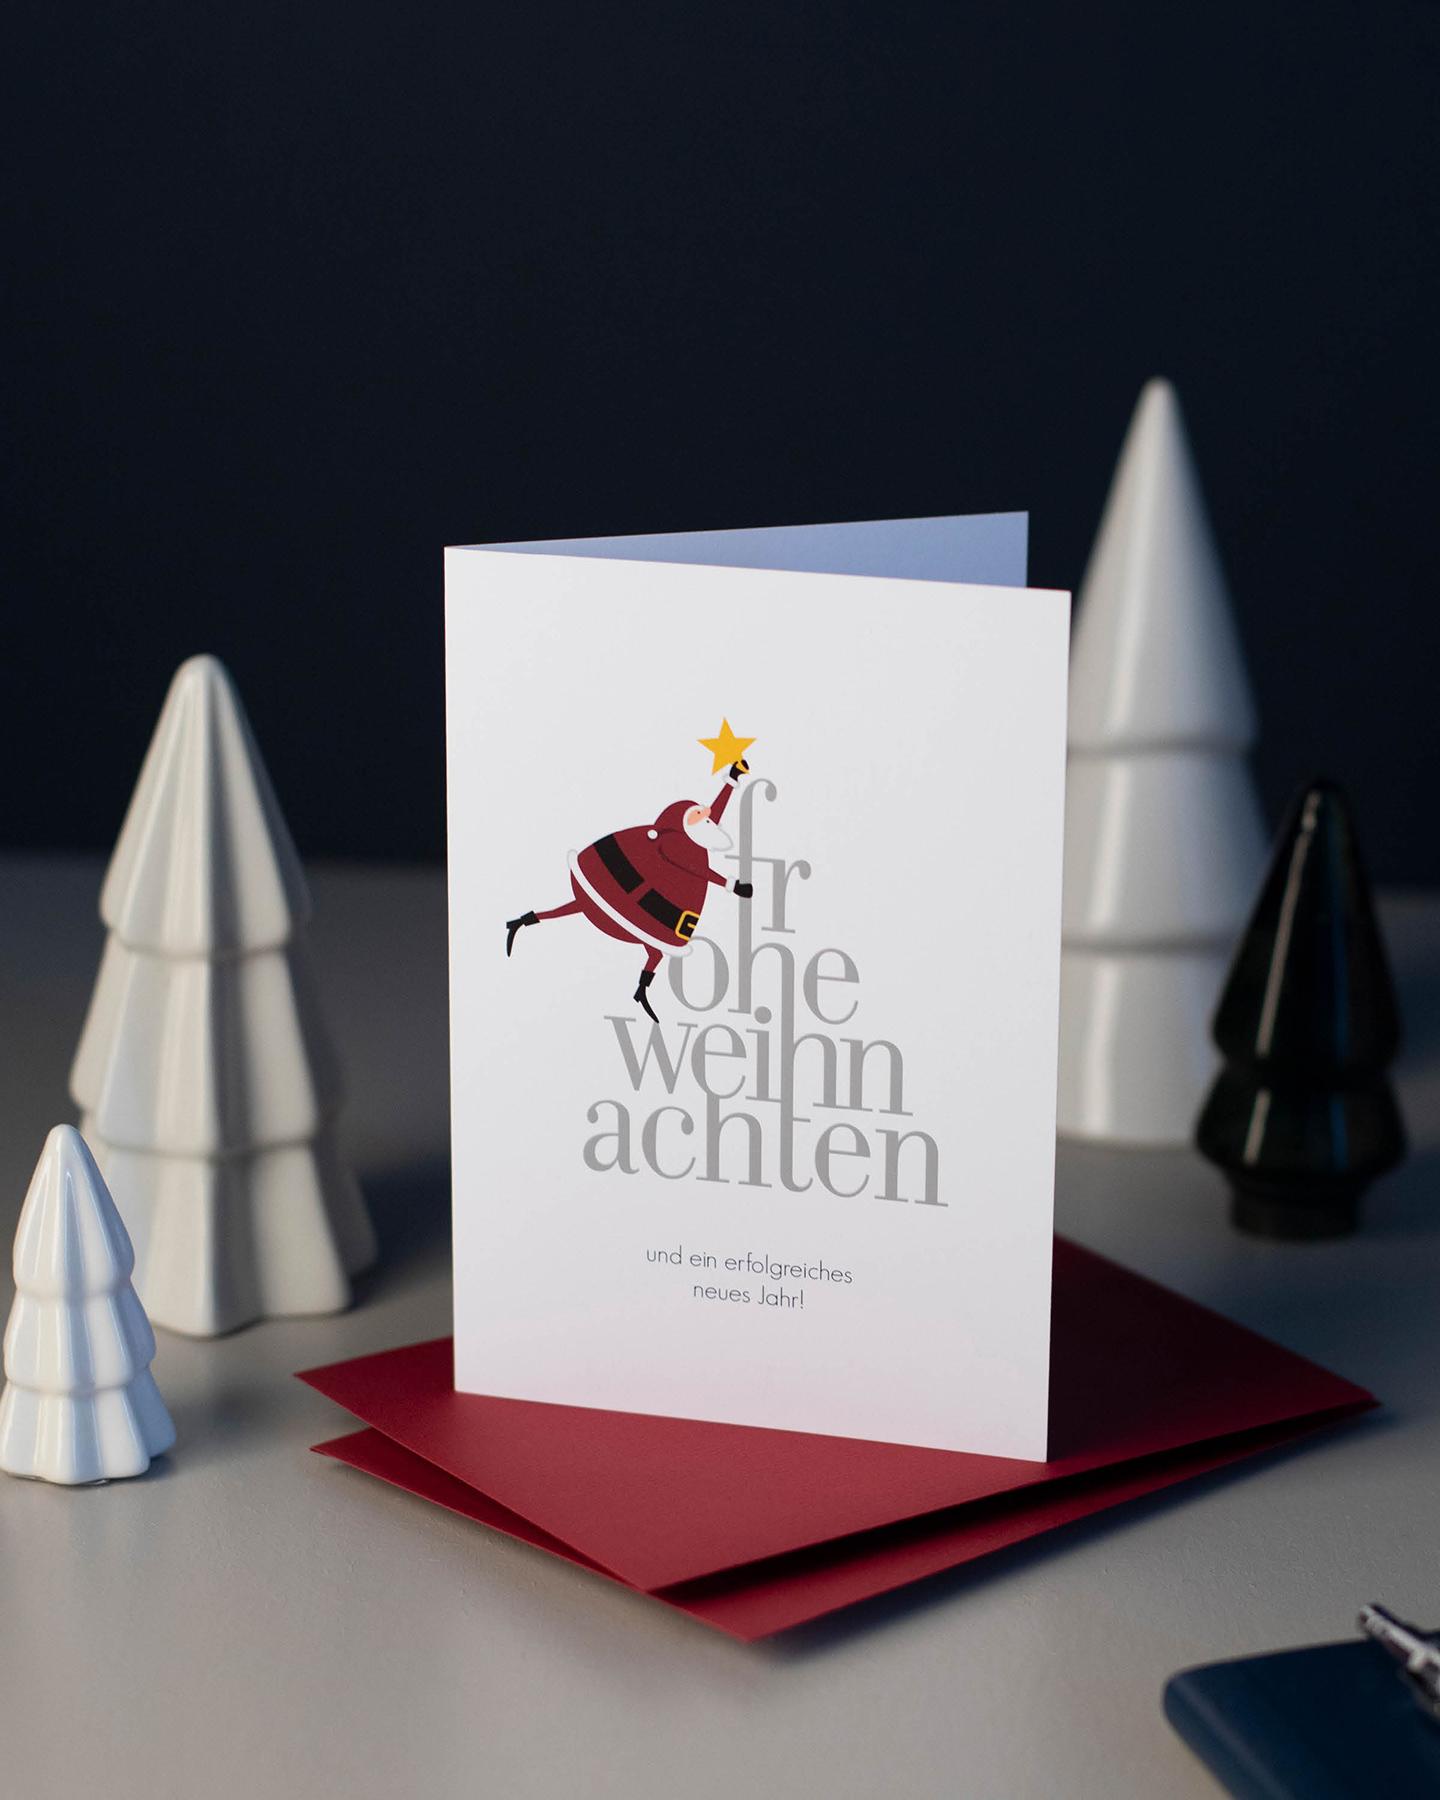 Humorvolle Weihnachtskarte mit Weihnachtsmann Motiv.